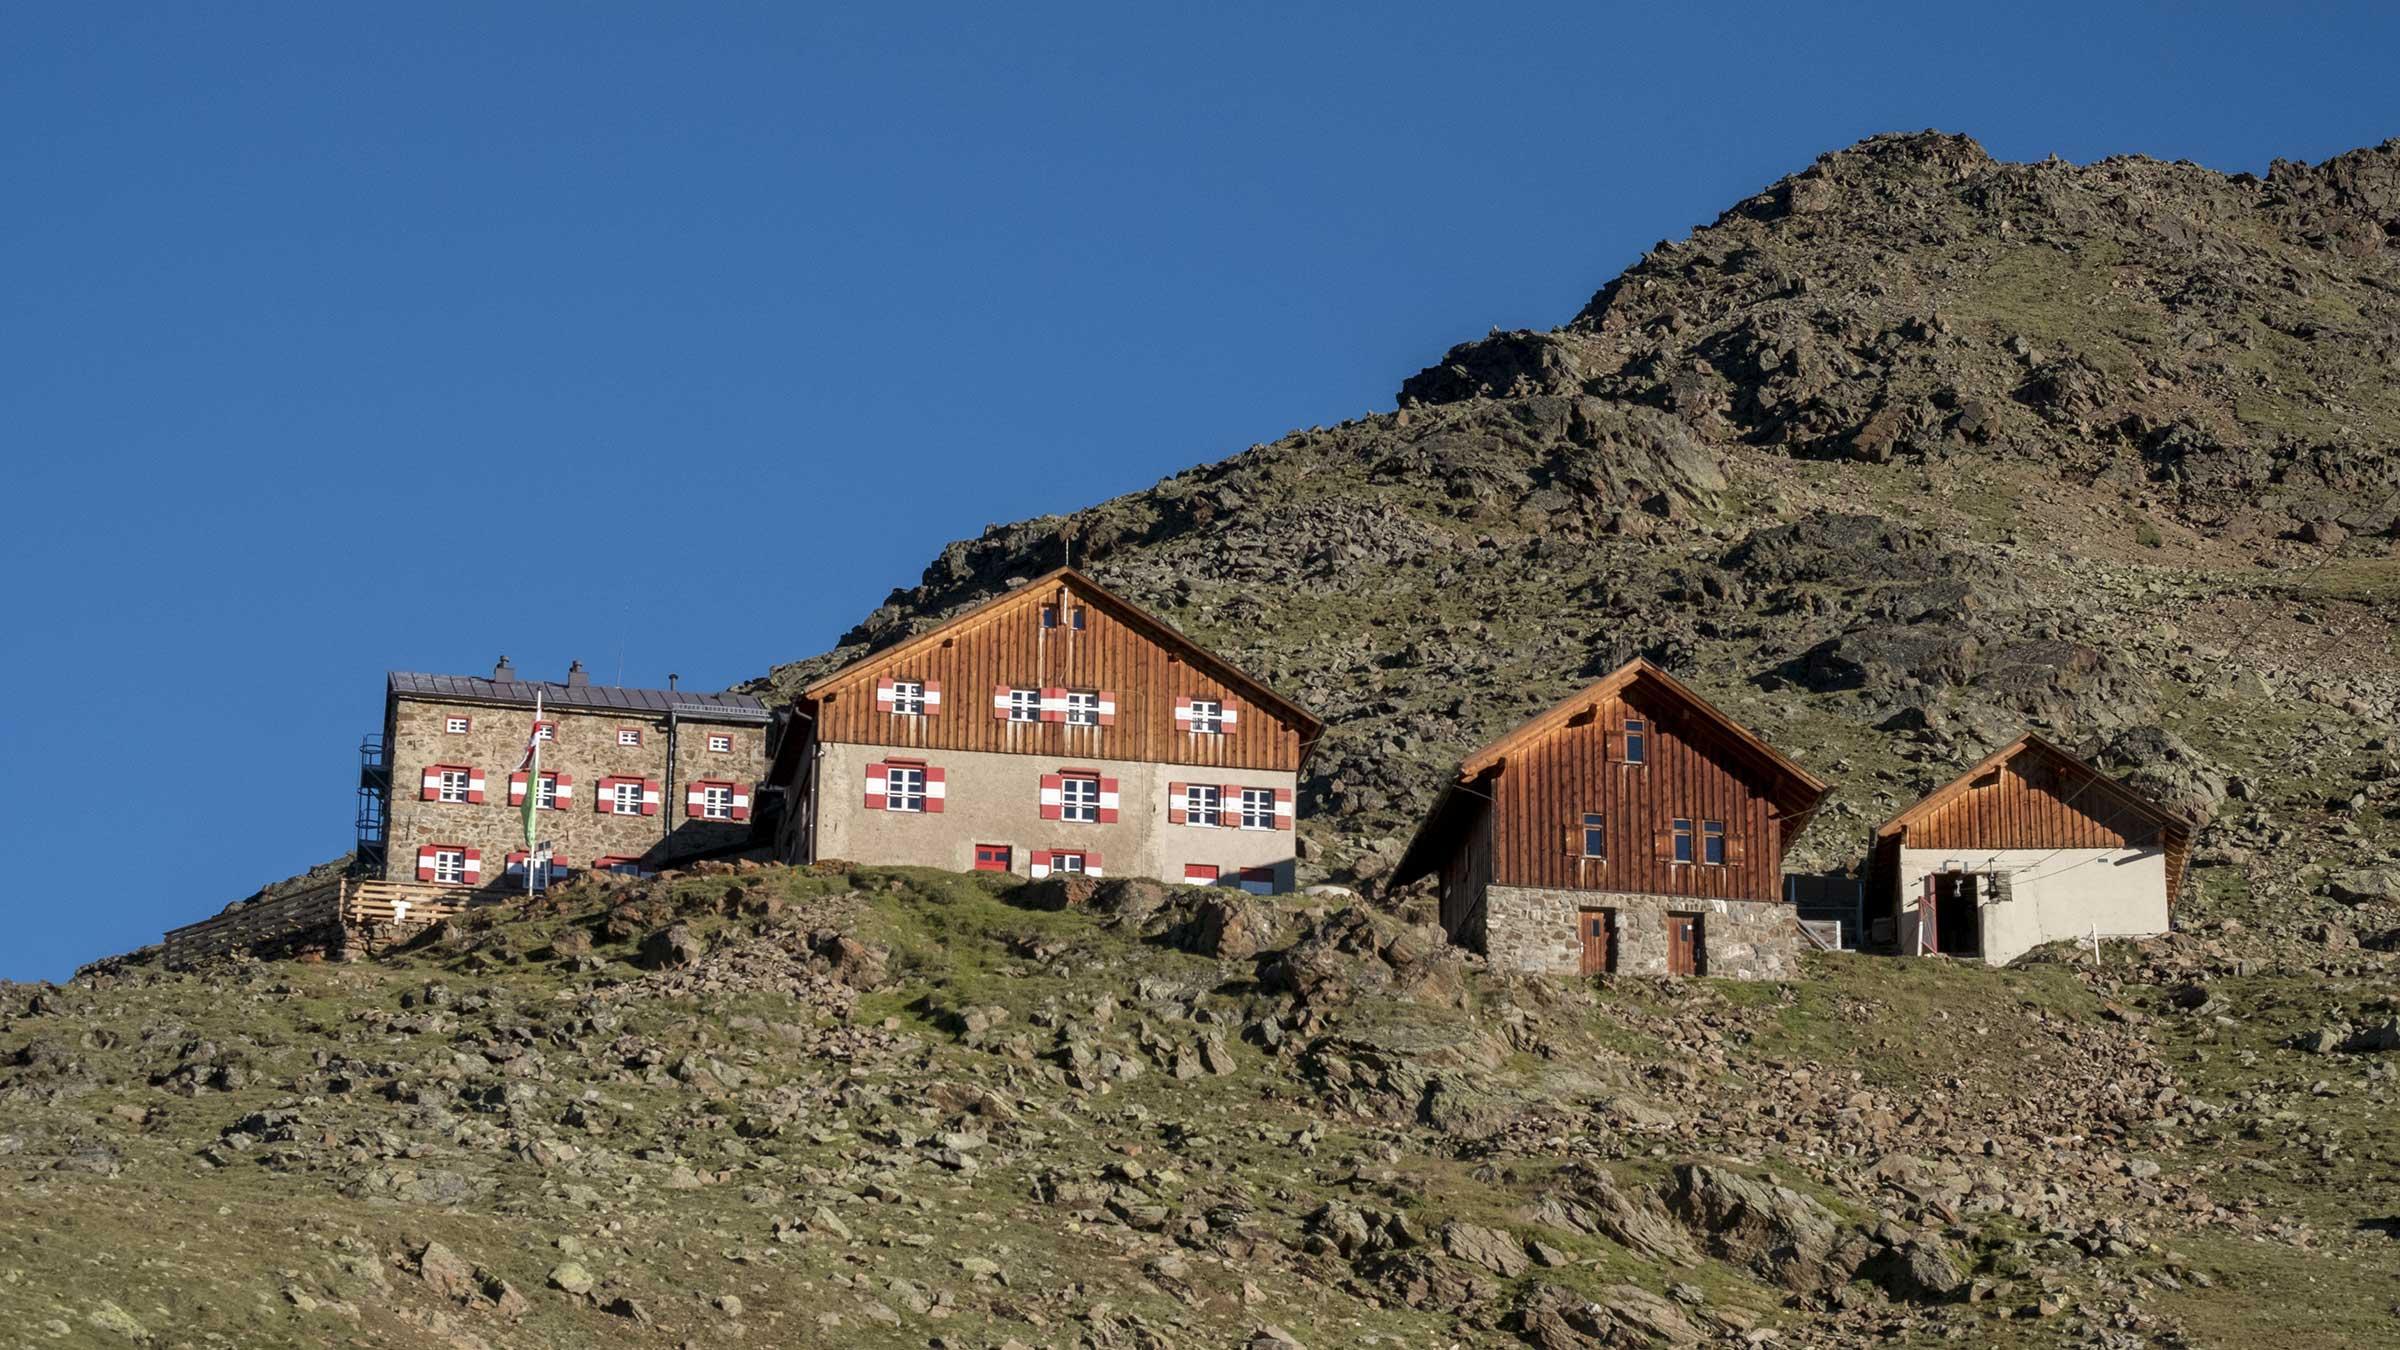 Breslauer Hütte im Sommer - Ötztal, Tirol